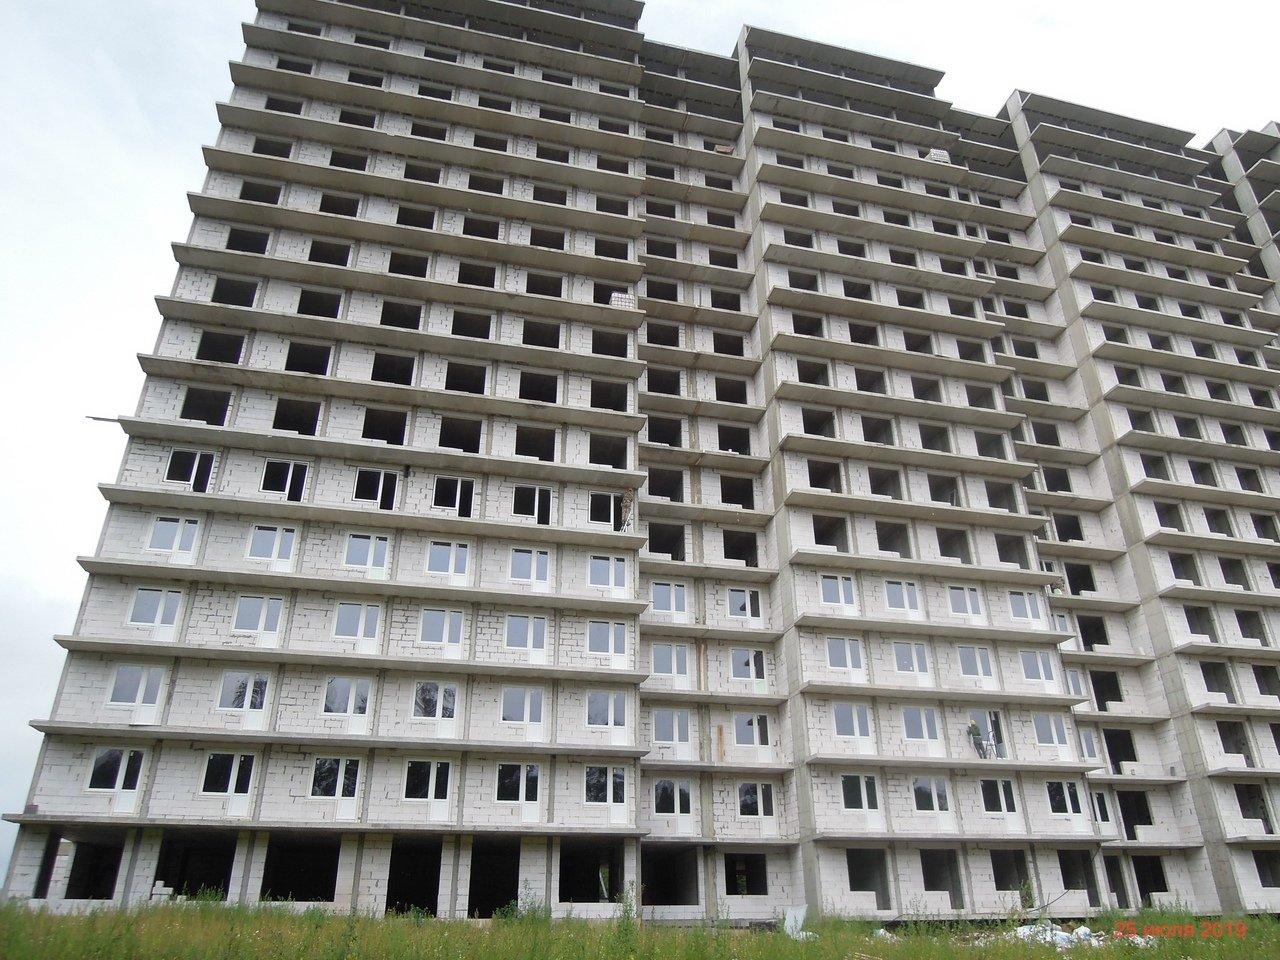 С 1 марта  повышаются цены на новые квартиры в Новых Островцах. Как купить квартиру по старой цене